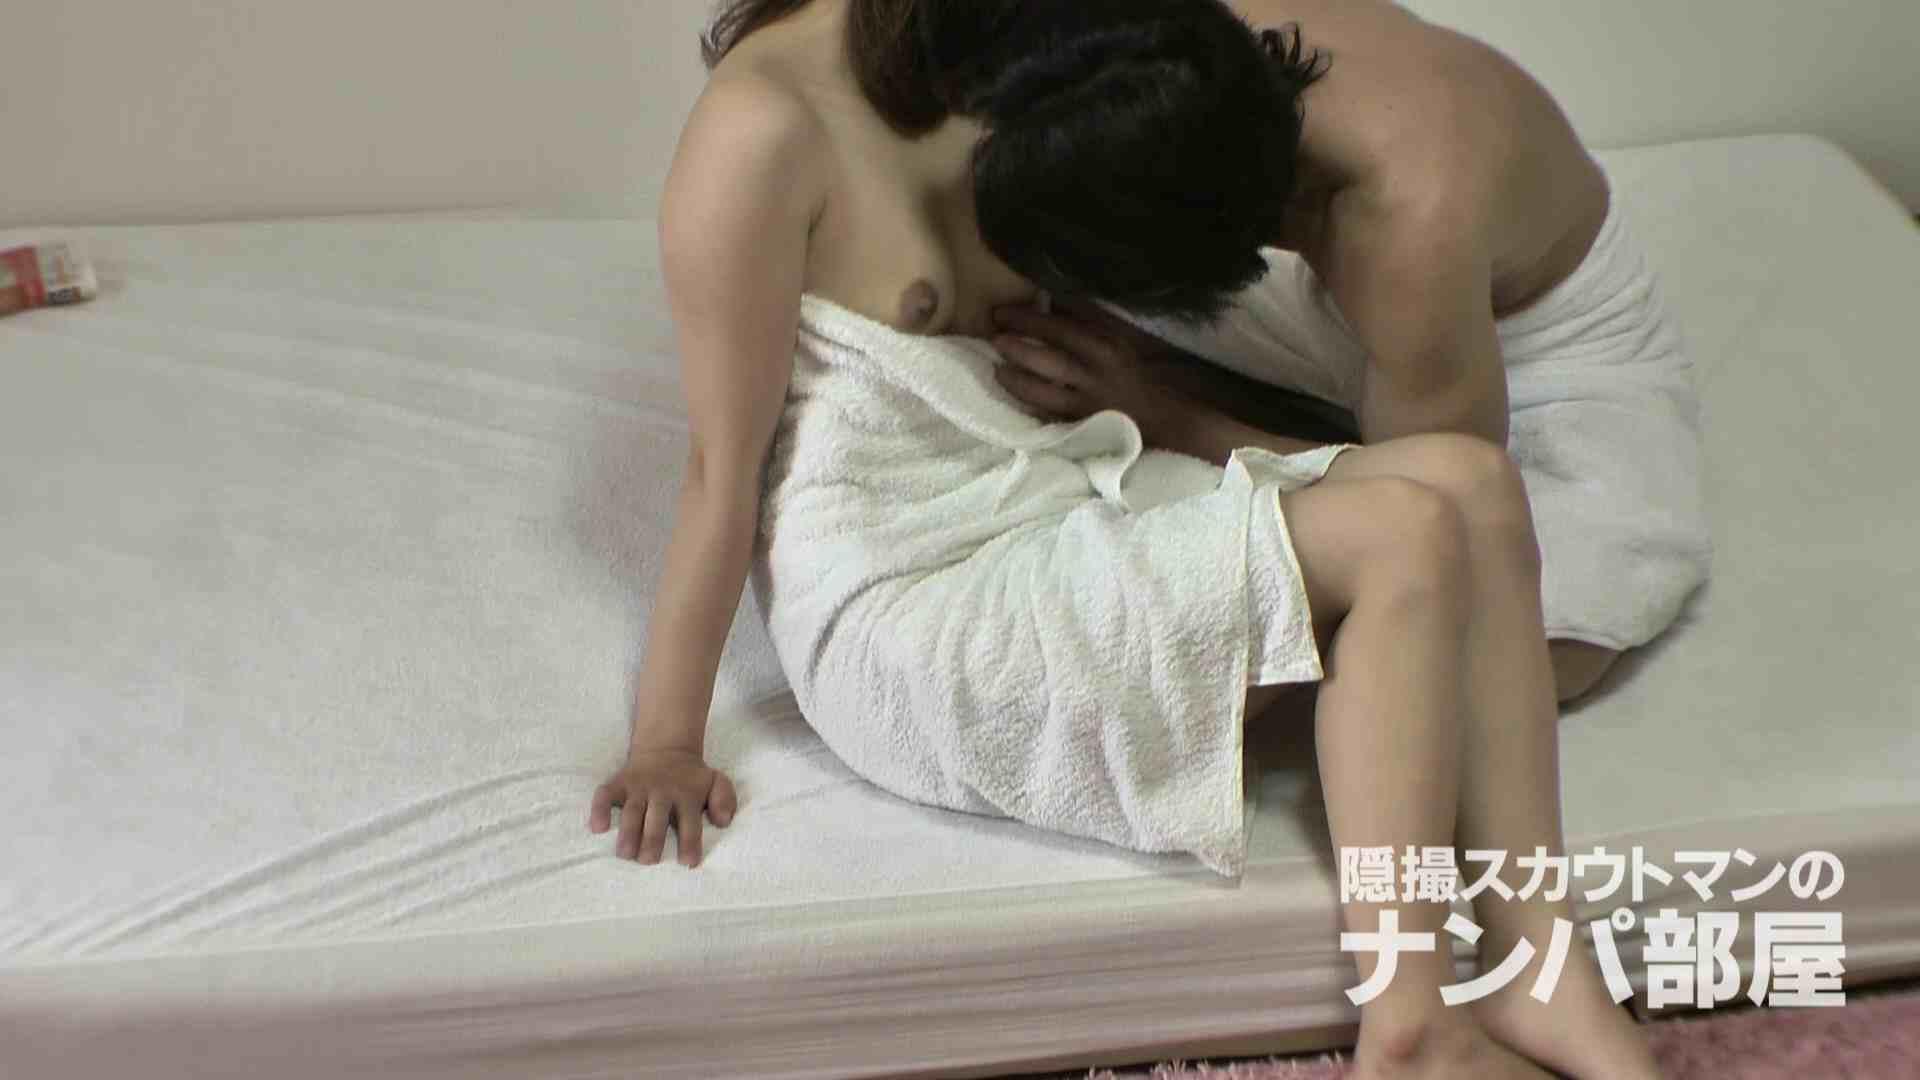 隠撮スカウトマンのナンパ部屋~風俗デビュー前のつまみ食い~ sii 隠撮  94pic 63